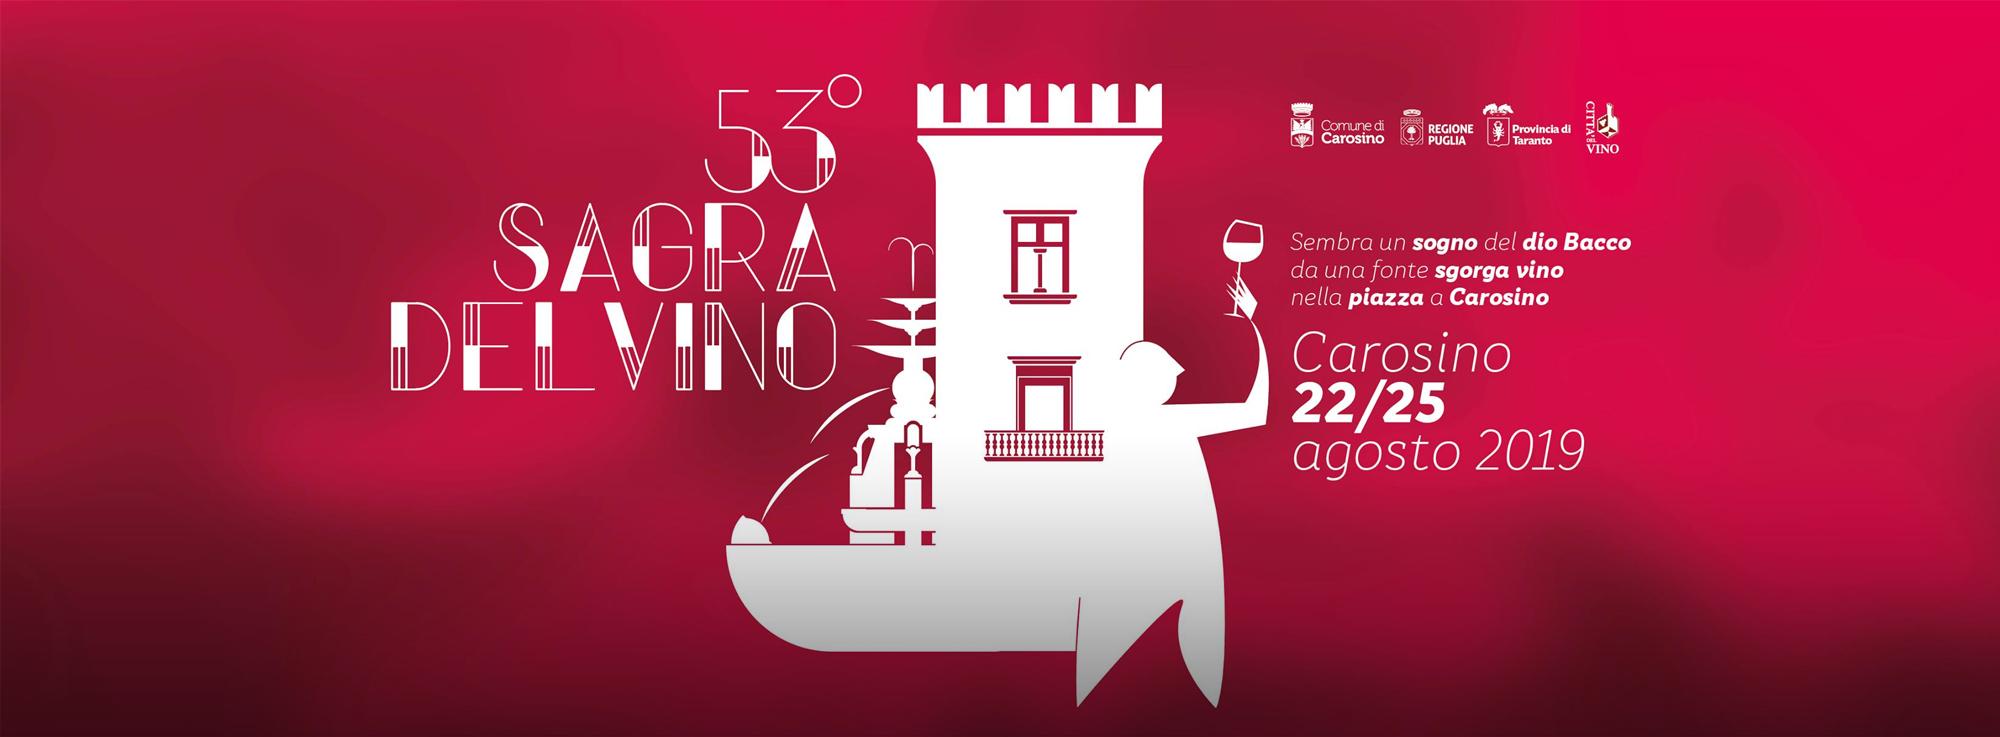 Carosino: Sagra del vino Winter Edition